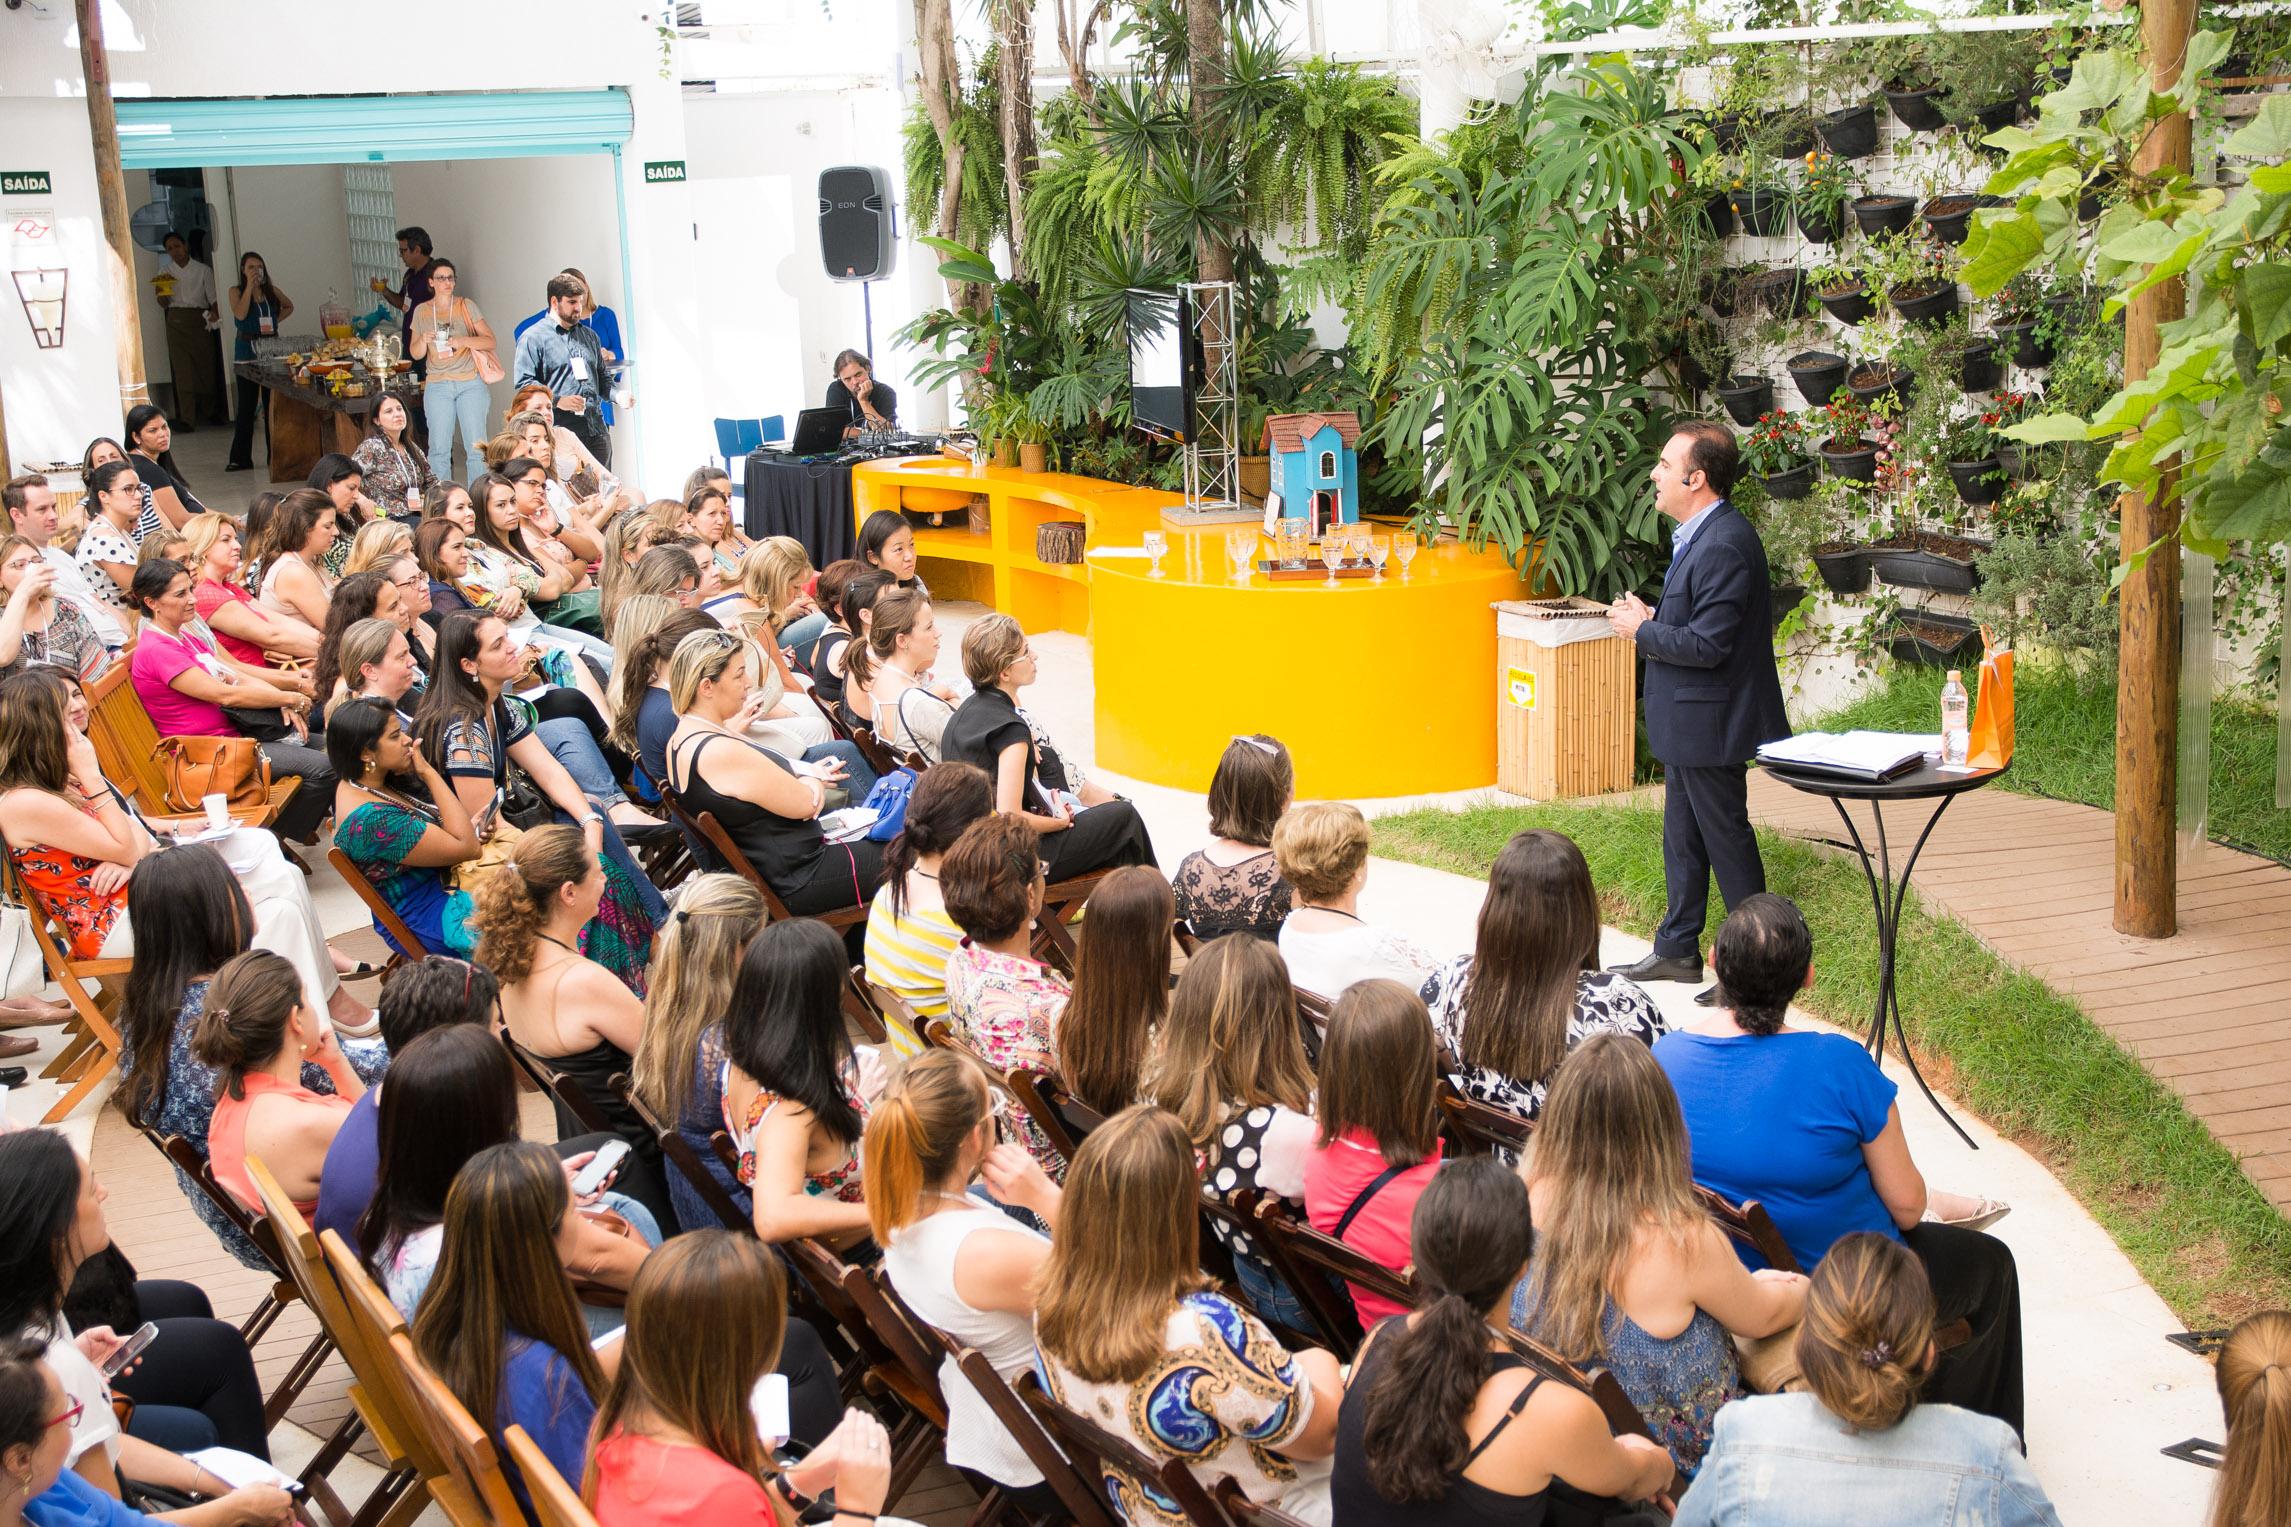 Cafestivo: de olho nas oportunidades e aprendizados. Essa foi a palestra de Eduardo Cincinato, da Cromus (crédito da foto: Kika Rodrigues)